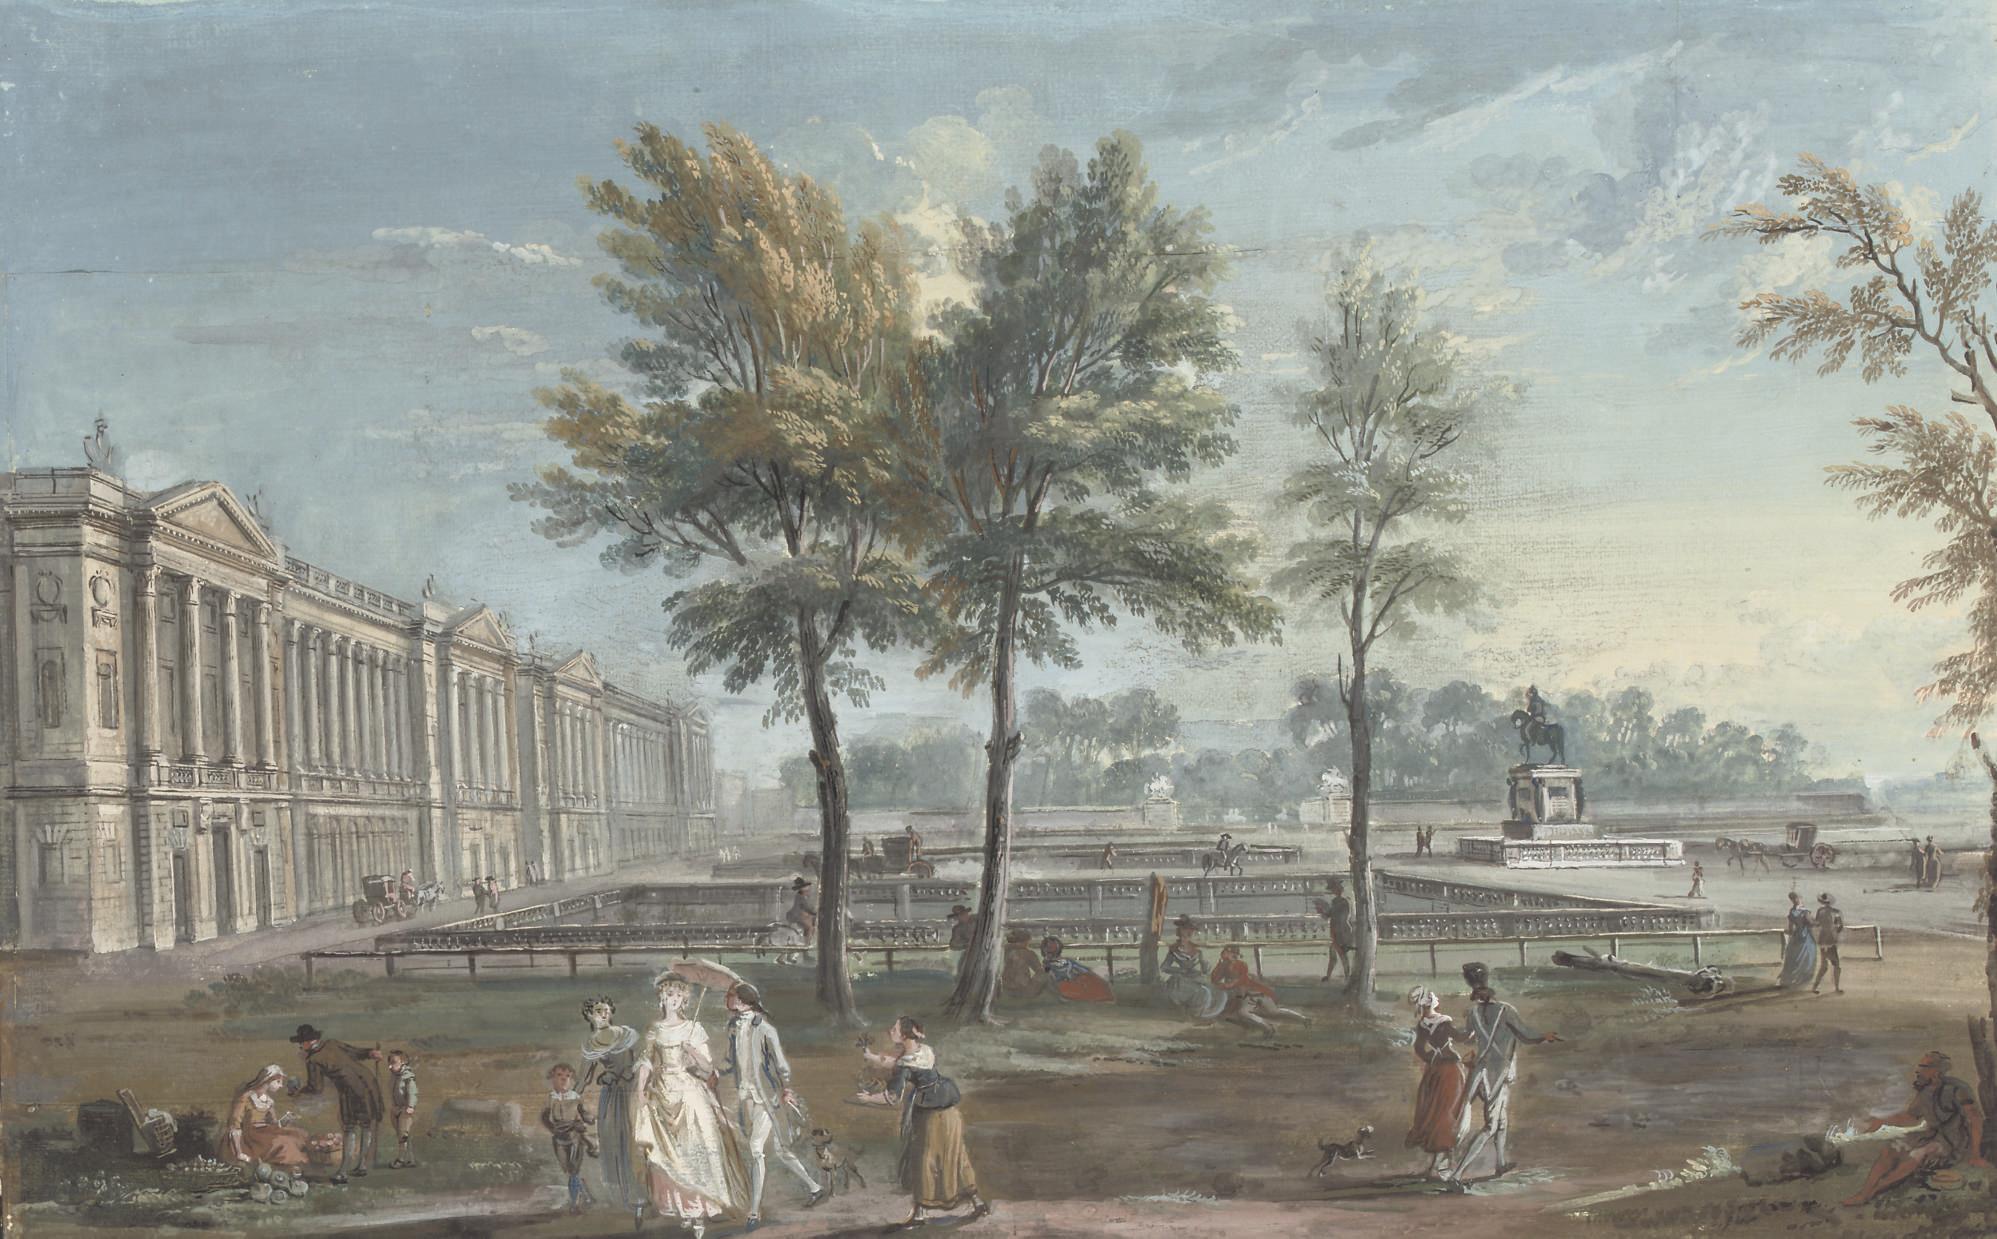 View of the Place Louis XV, later Place de la Concorde, seen from the Champs-Elysées, Paris